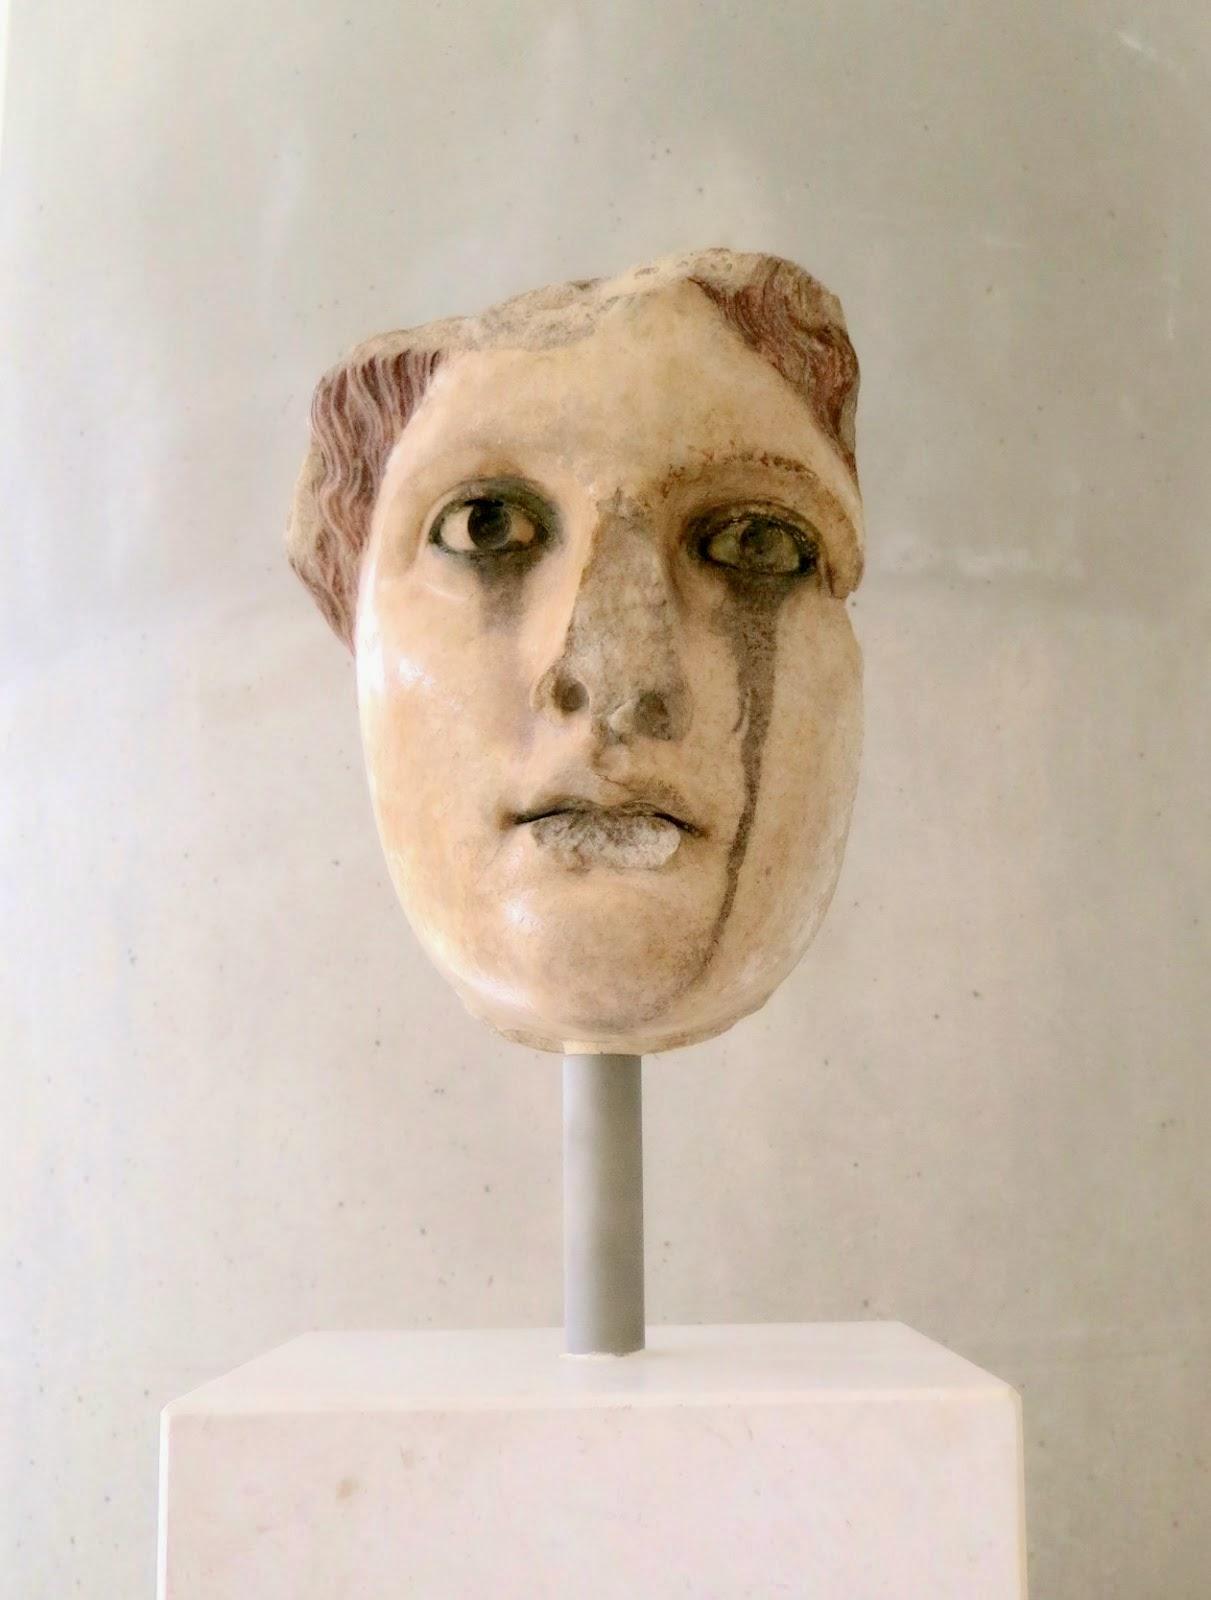 A godess, perhaps Aphrodite